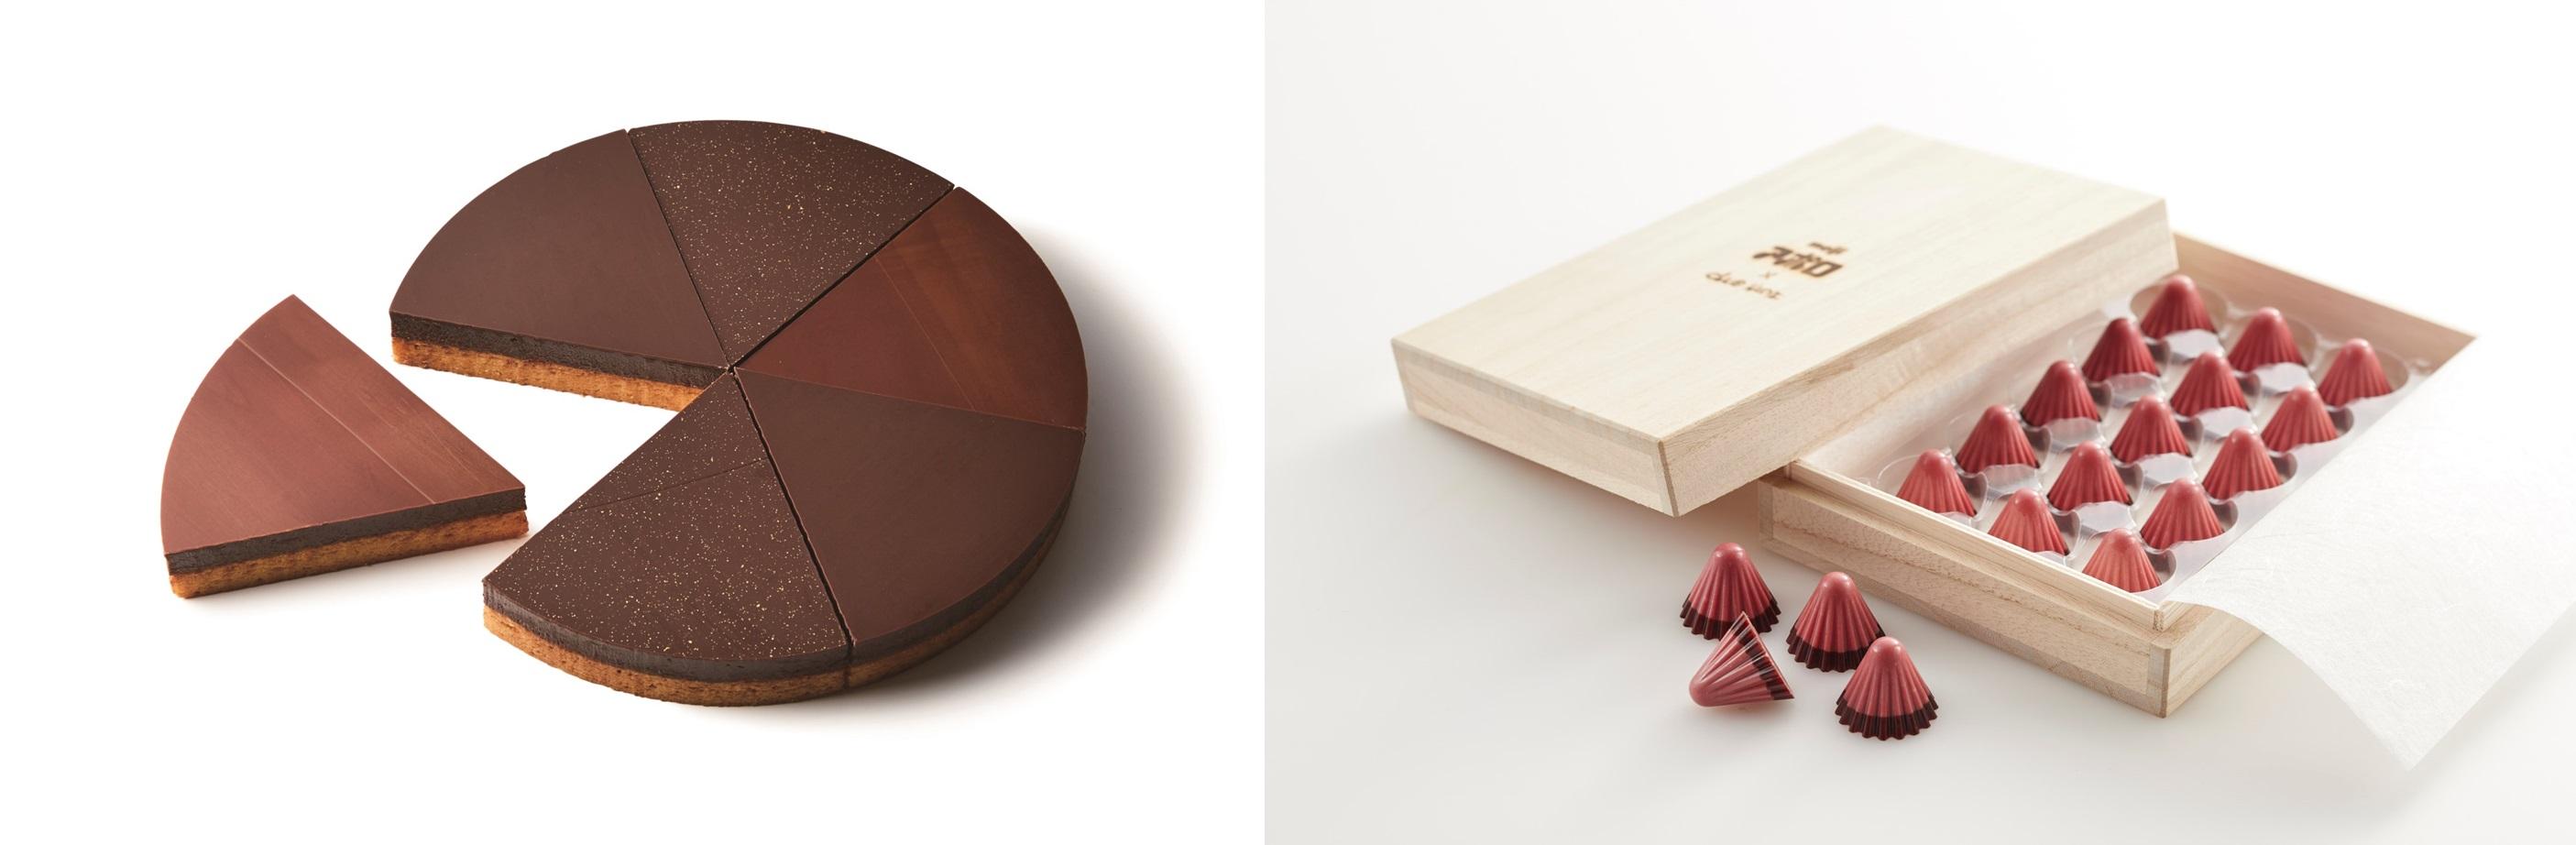 日本一のチョコレートの祭典「アムール デュ ショコラ」、2月14日まで開催!購入したおすすめ商品もご紹介 - 4